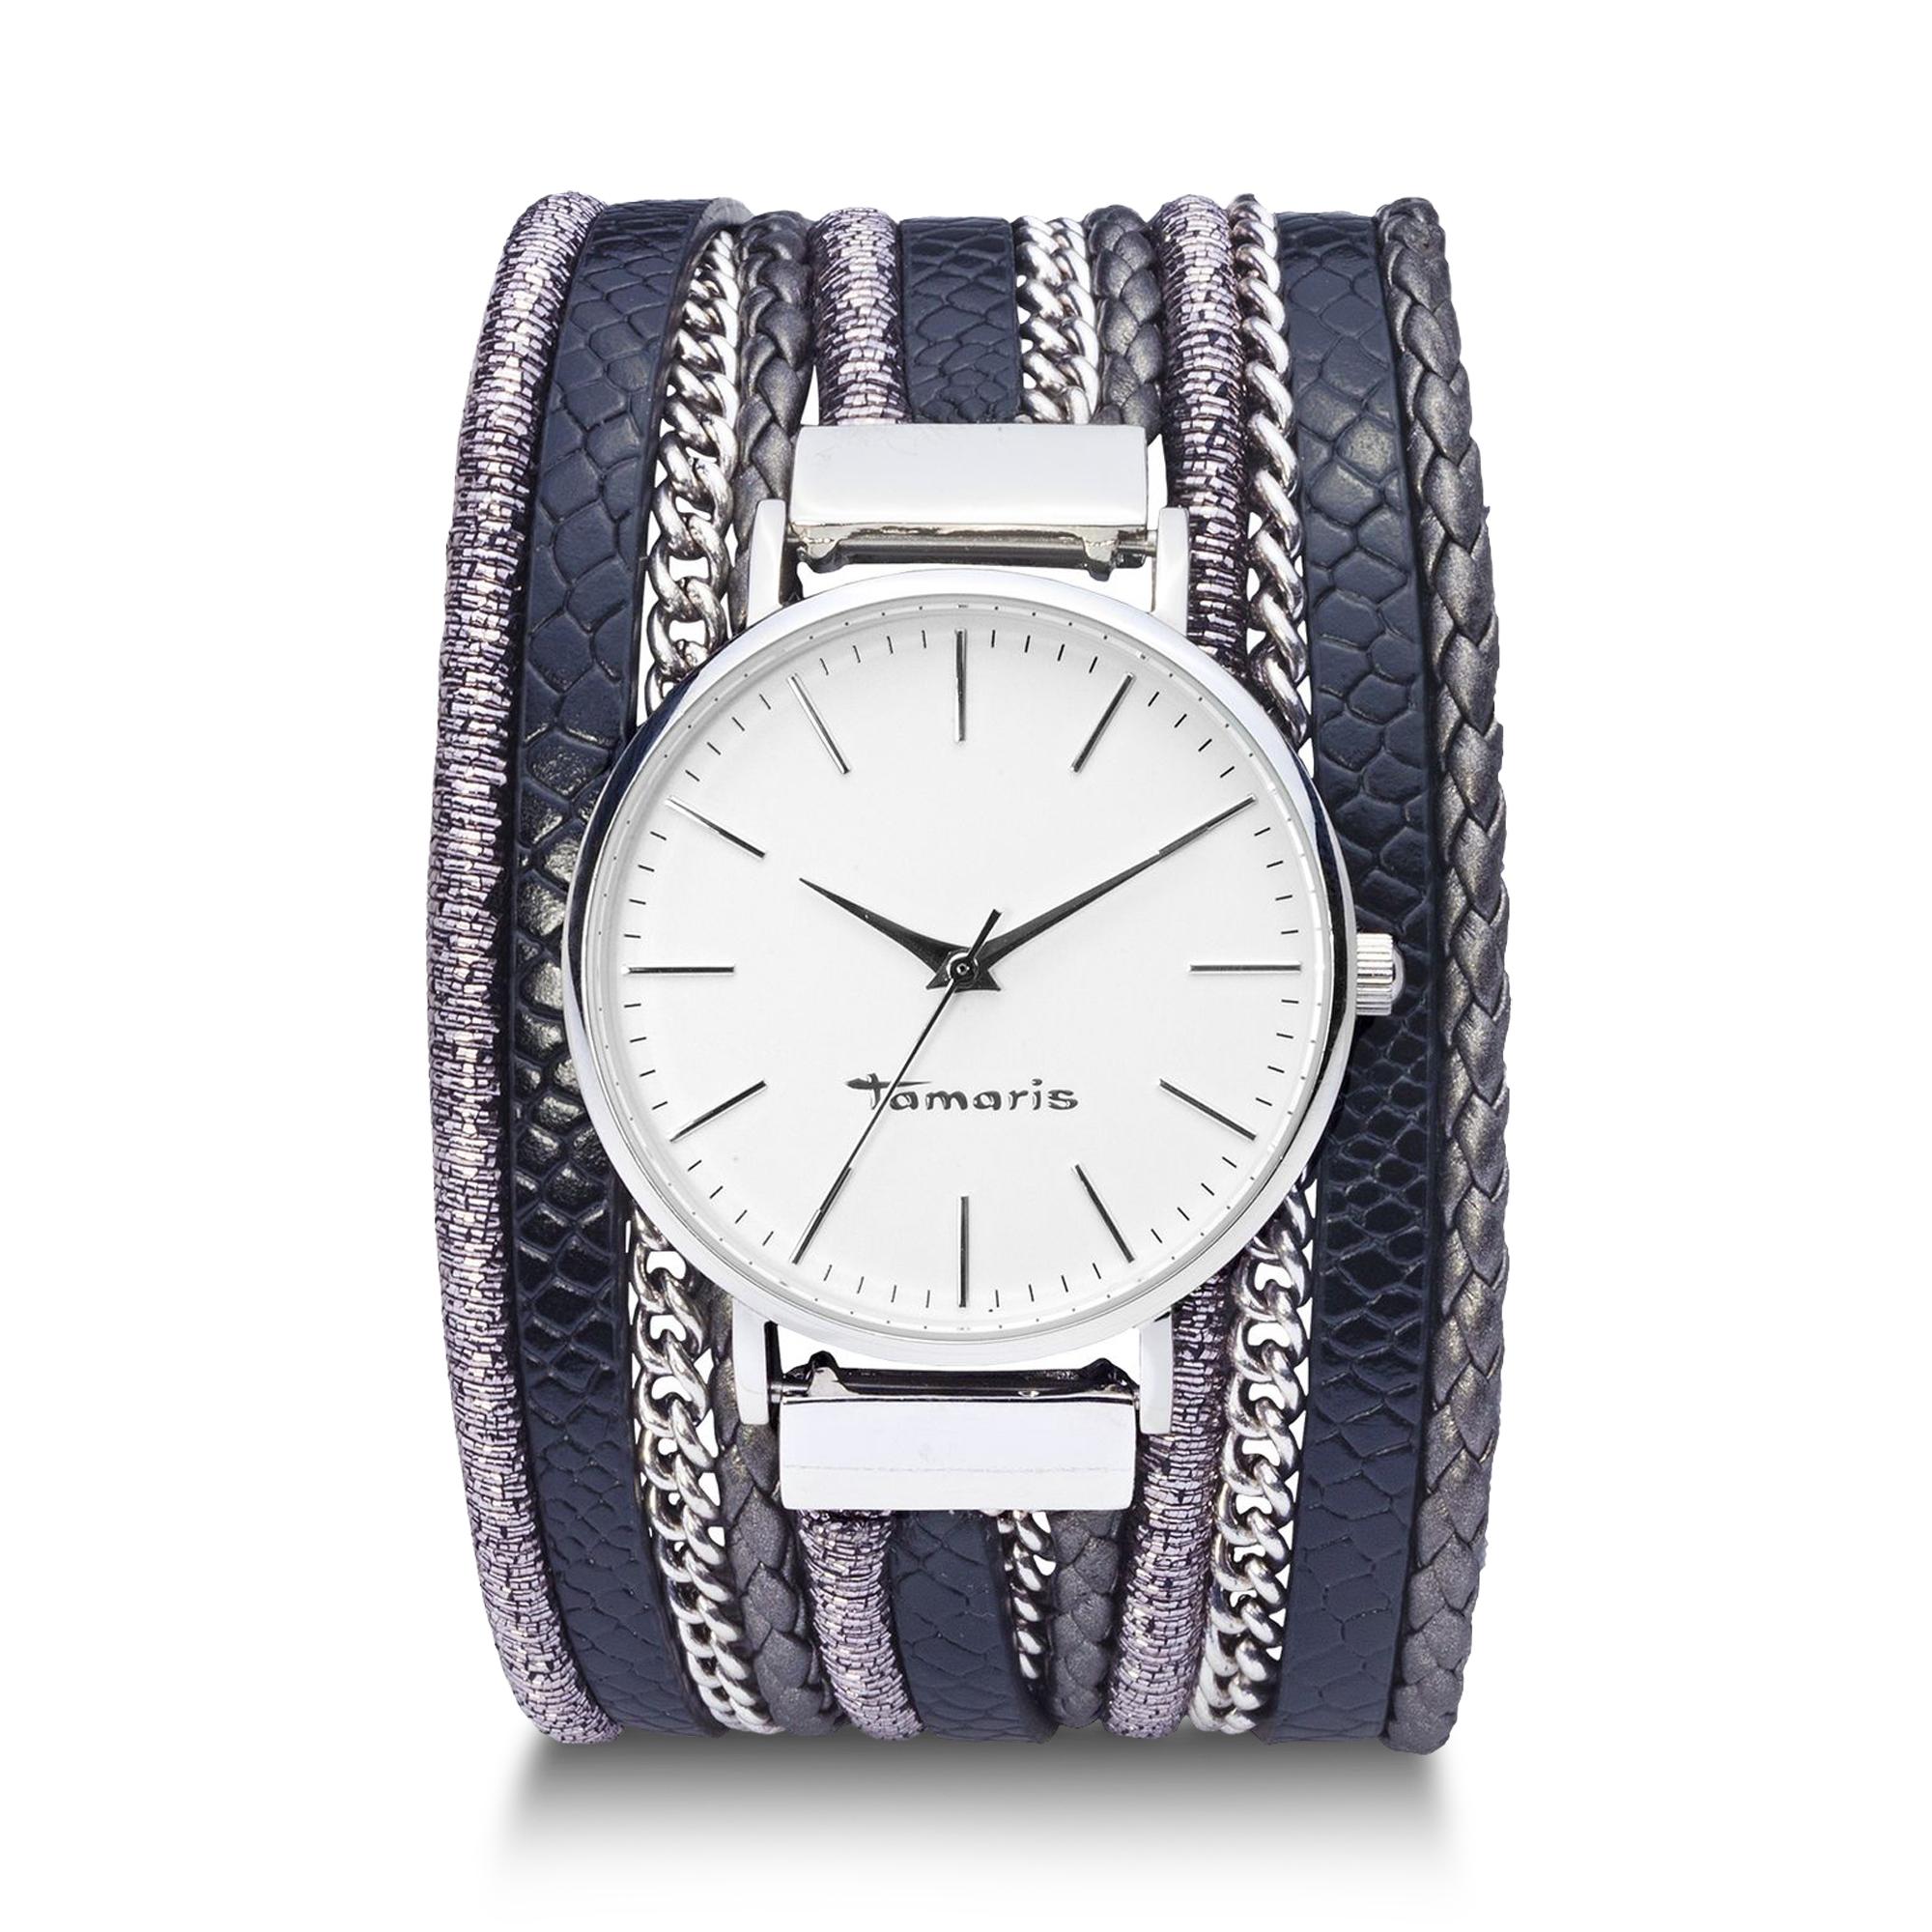 Wortmann Uhren lyann e09059420 800 one size tamaris uhren kaufen